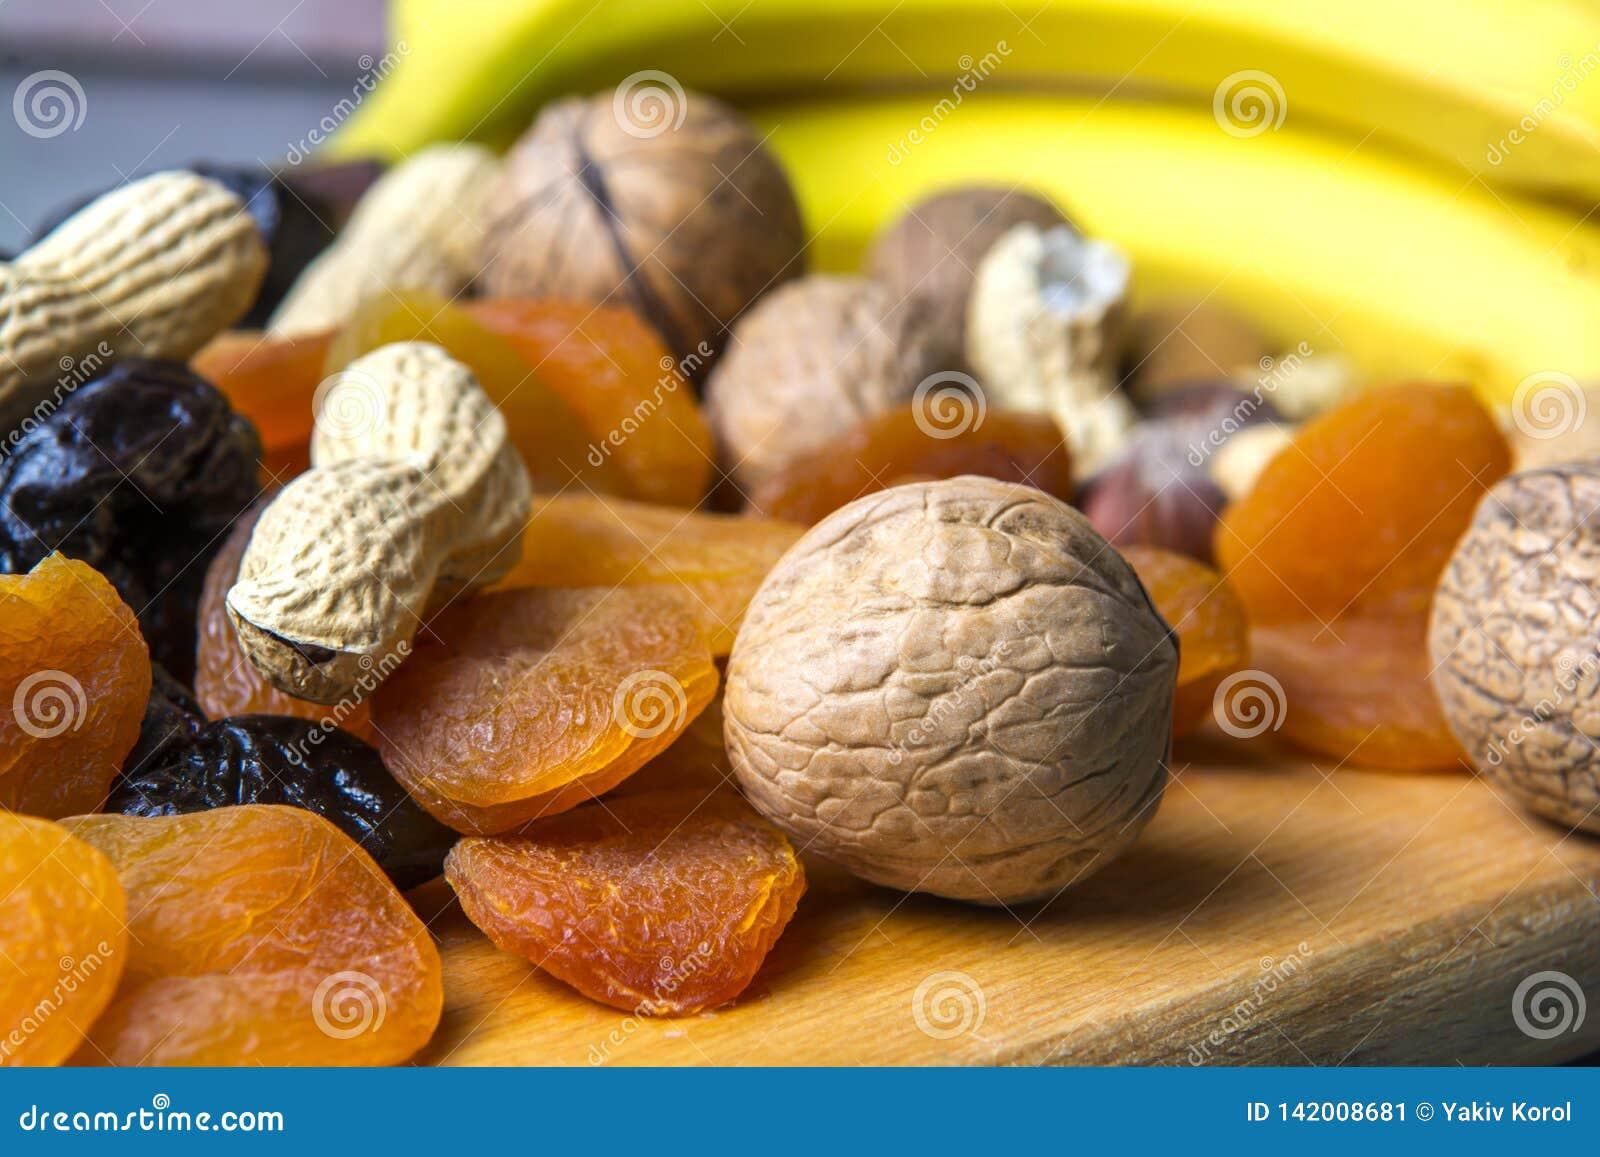 Vegetarisch voedsel van noten en droge vruchten op de keukenraad